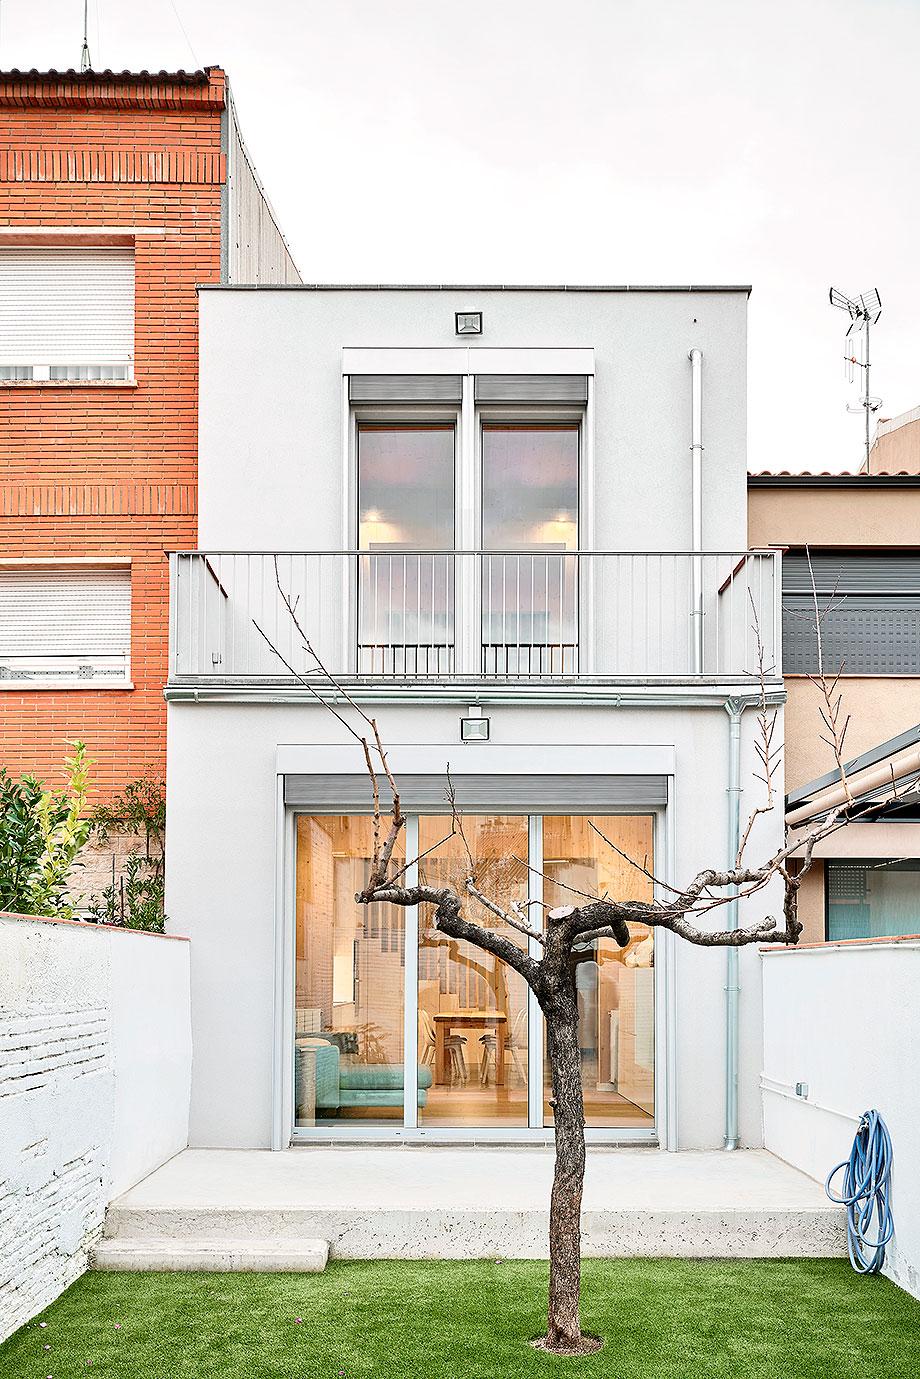 reforma y ampliación en terrassa de vallribera arquitectes (24) - foto jose hevia